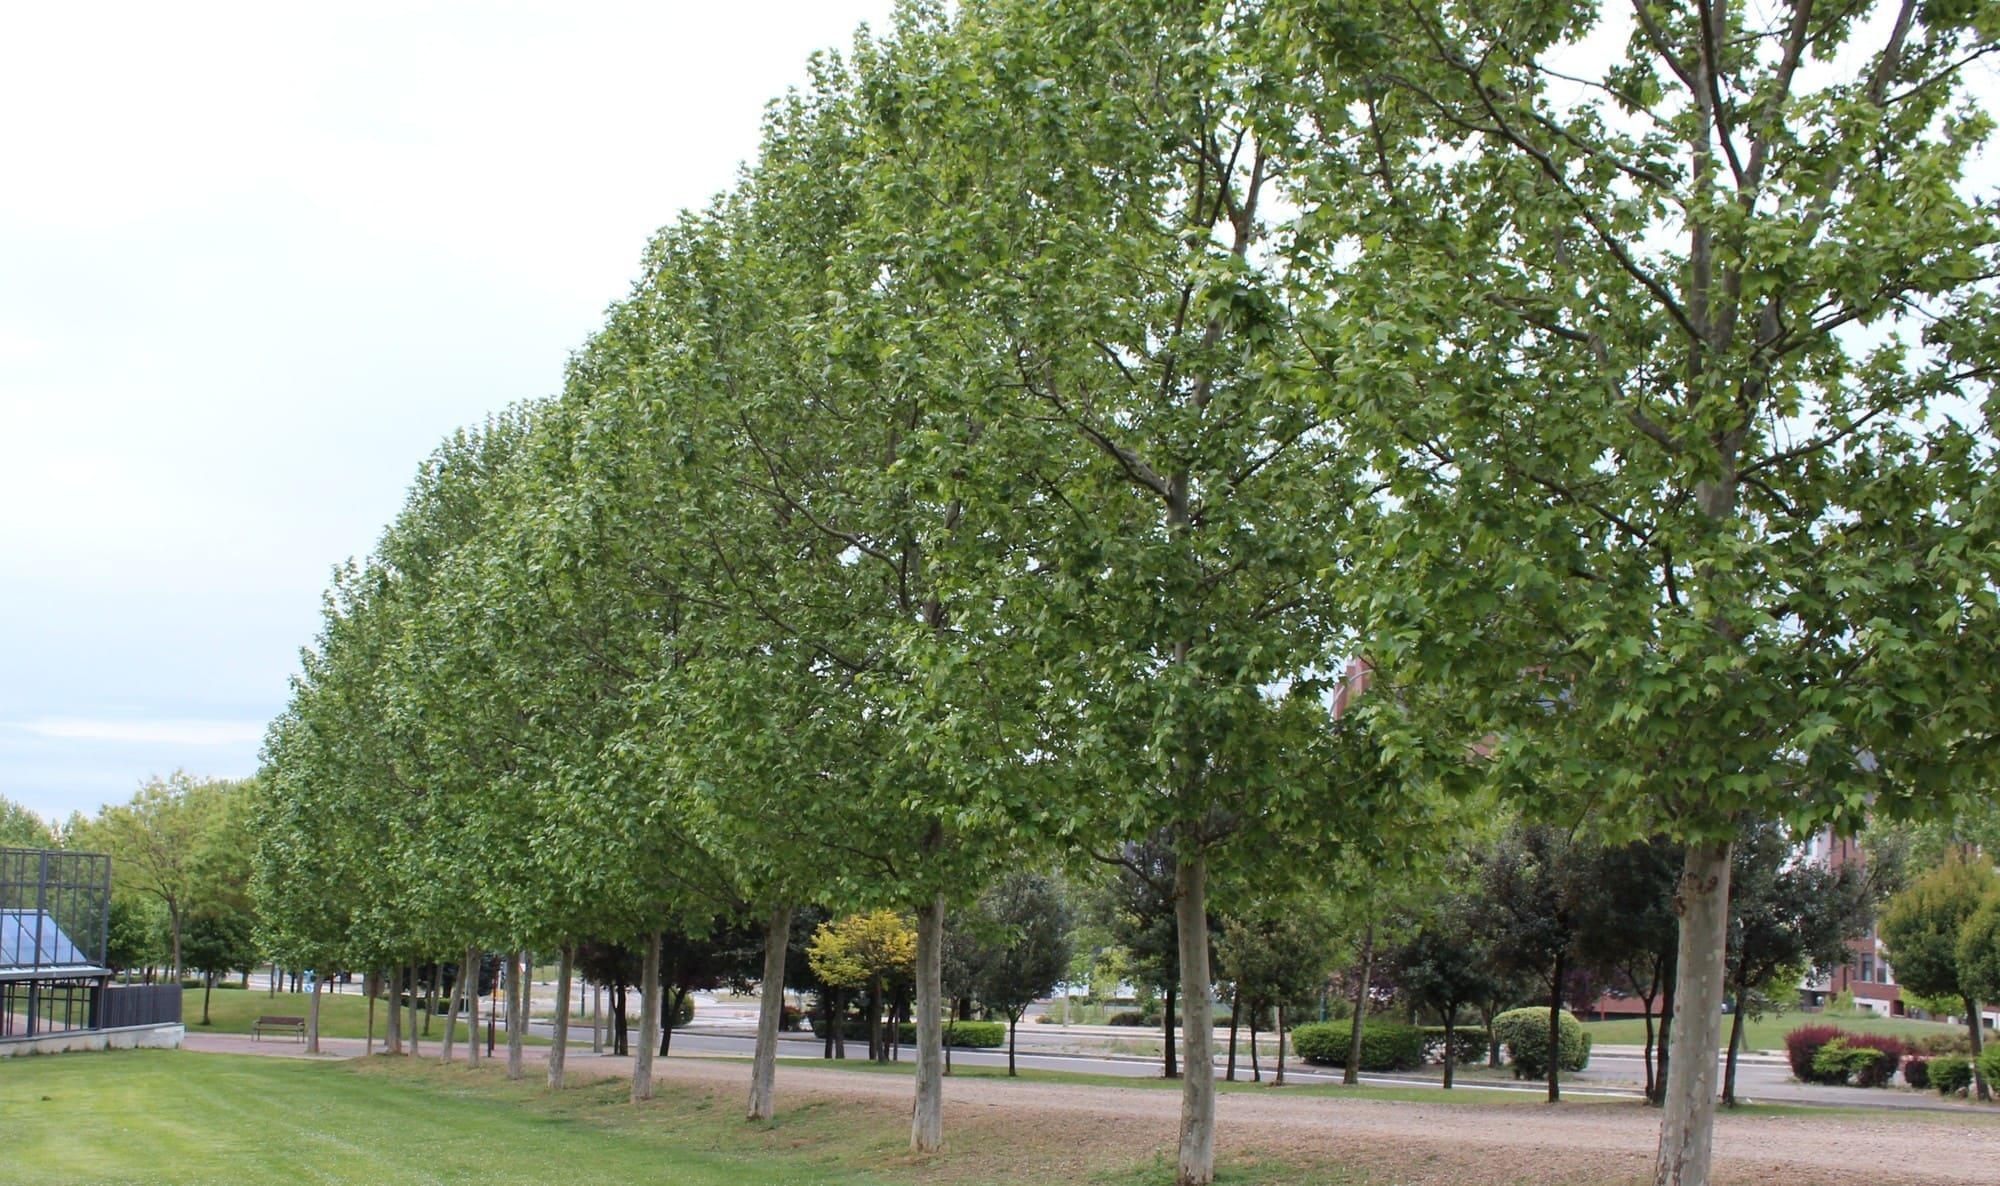 árboles: plátano de sombra